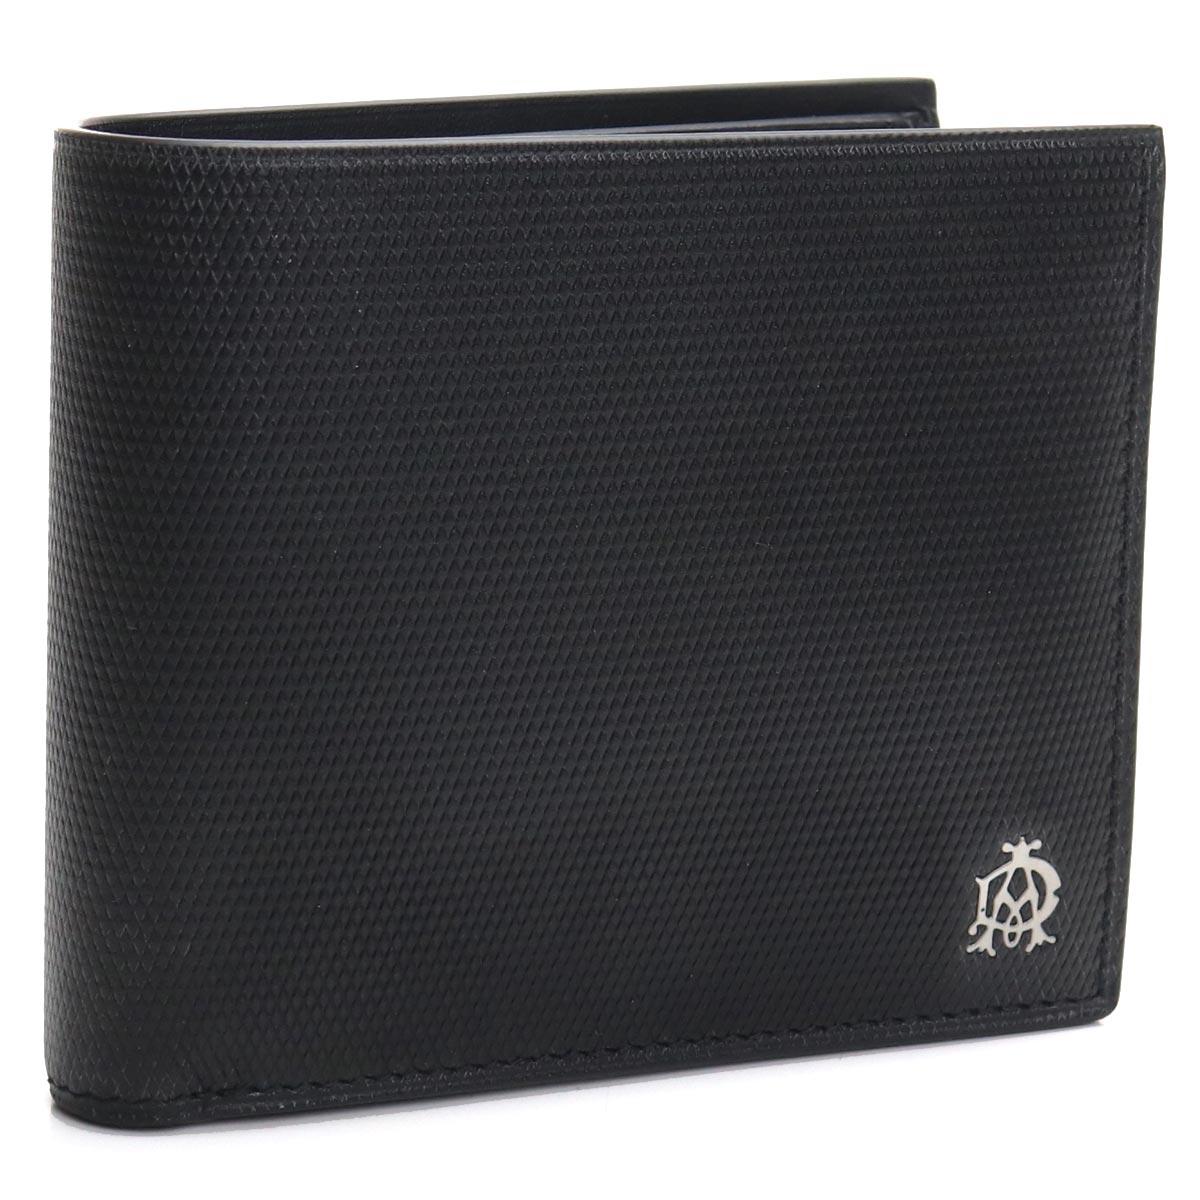 ダンヒル DUNHILL 2つ折り財布 L2AE32A ブラック メンズ